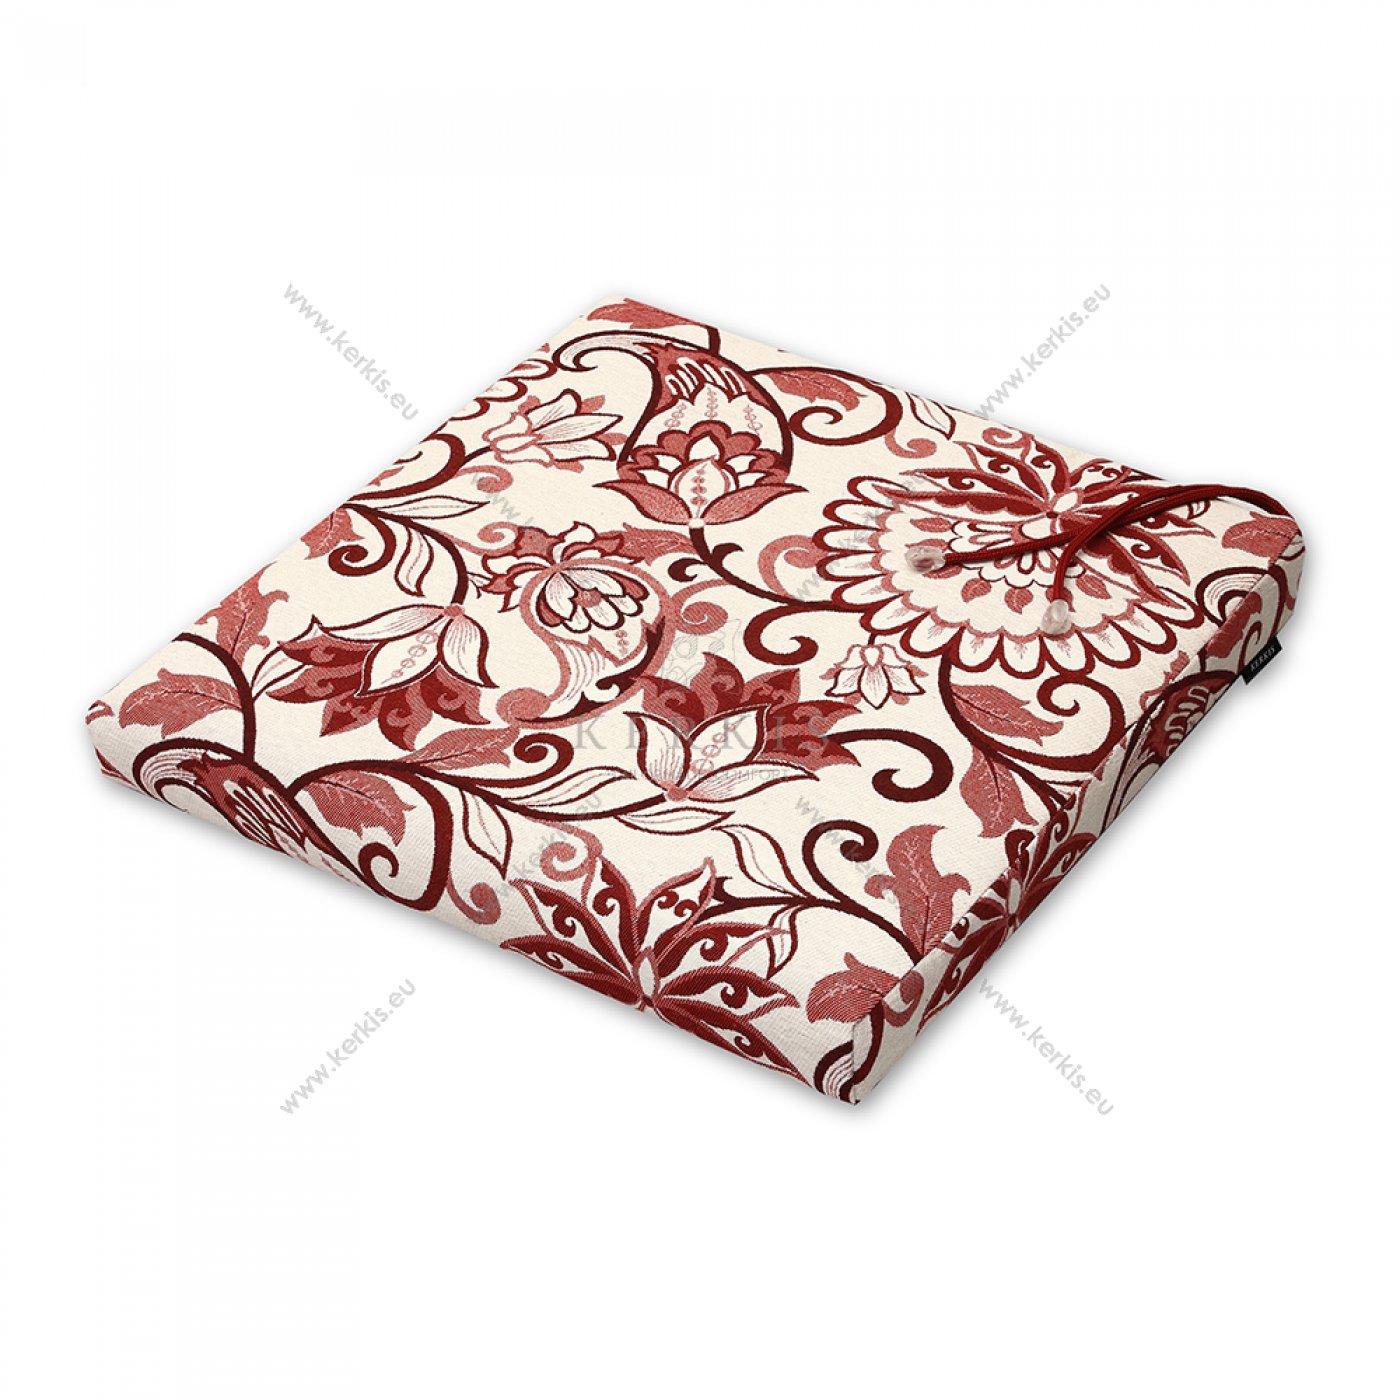 Μαξιλάρι καρέκλας κόκκινο φλοράλ